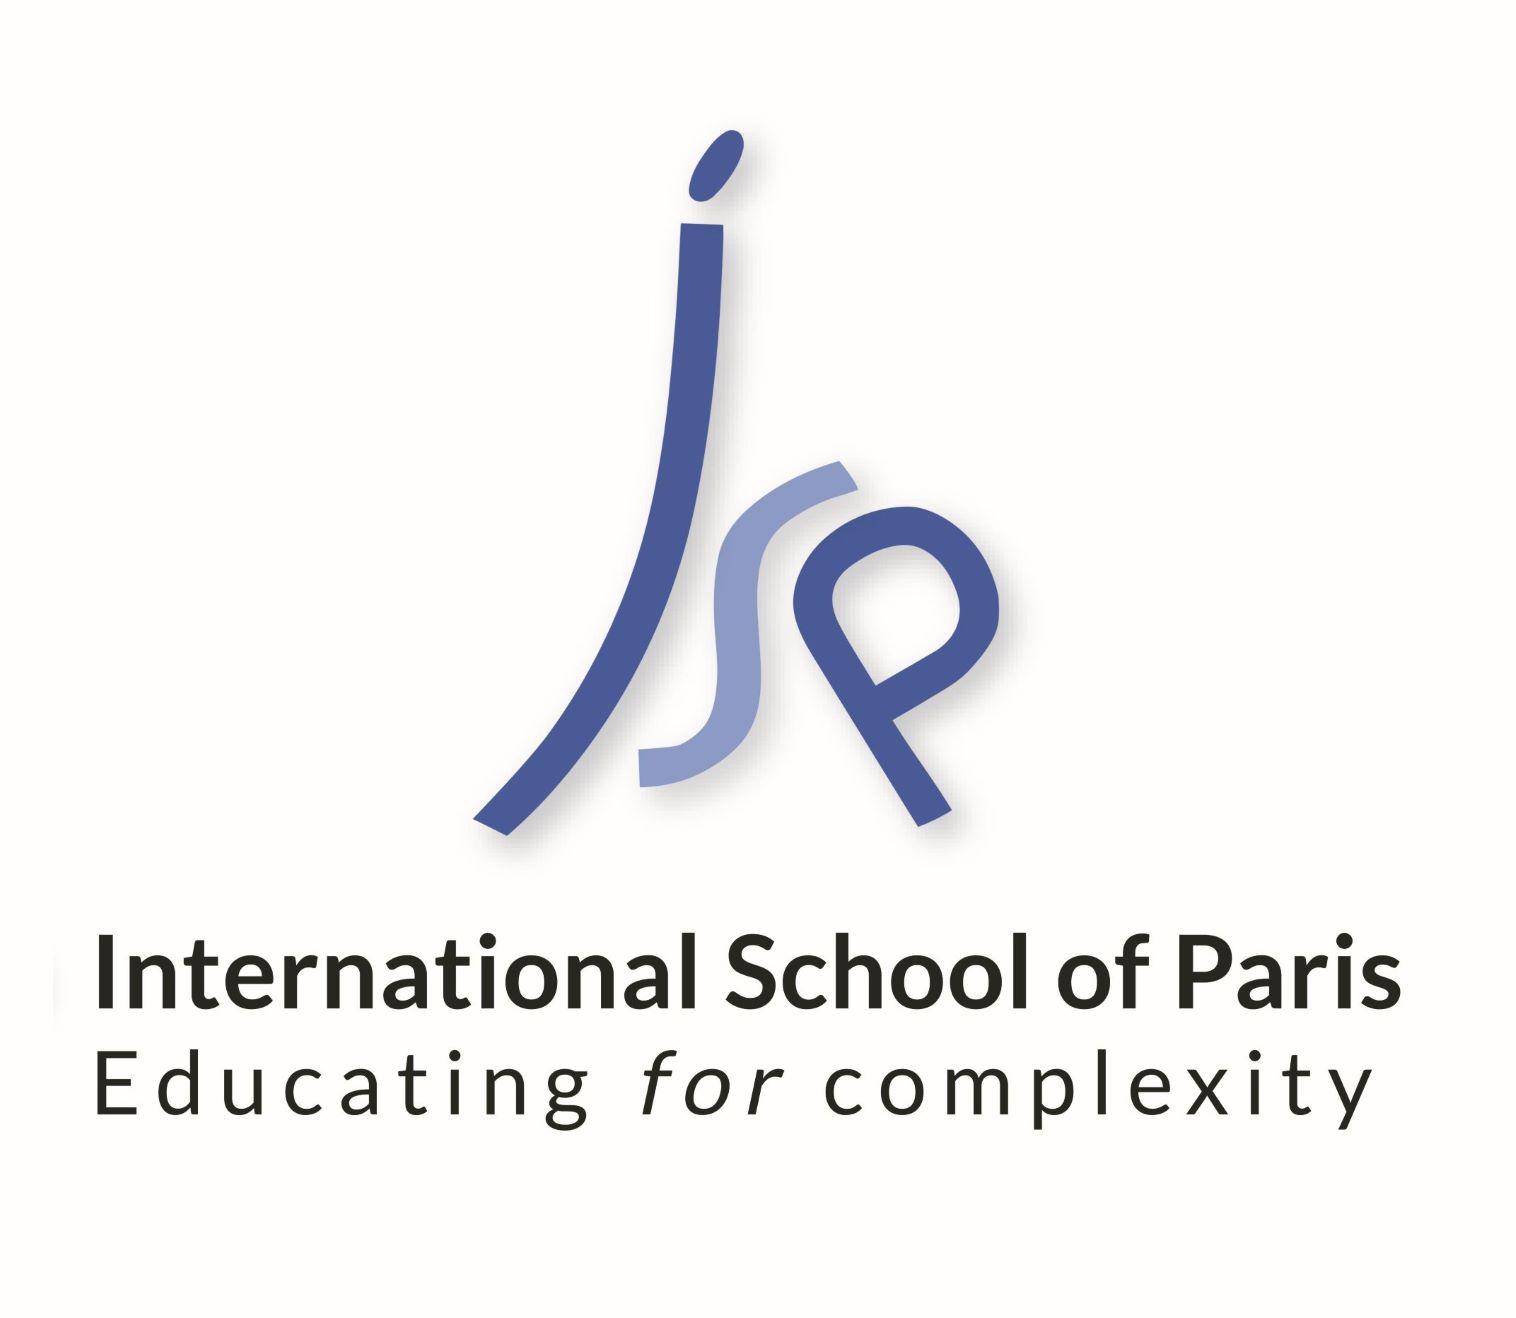 ISP Logo bilingualisim